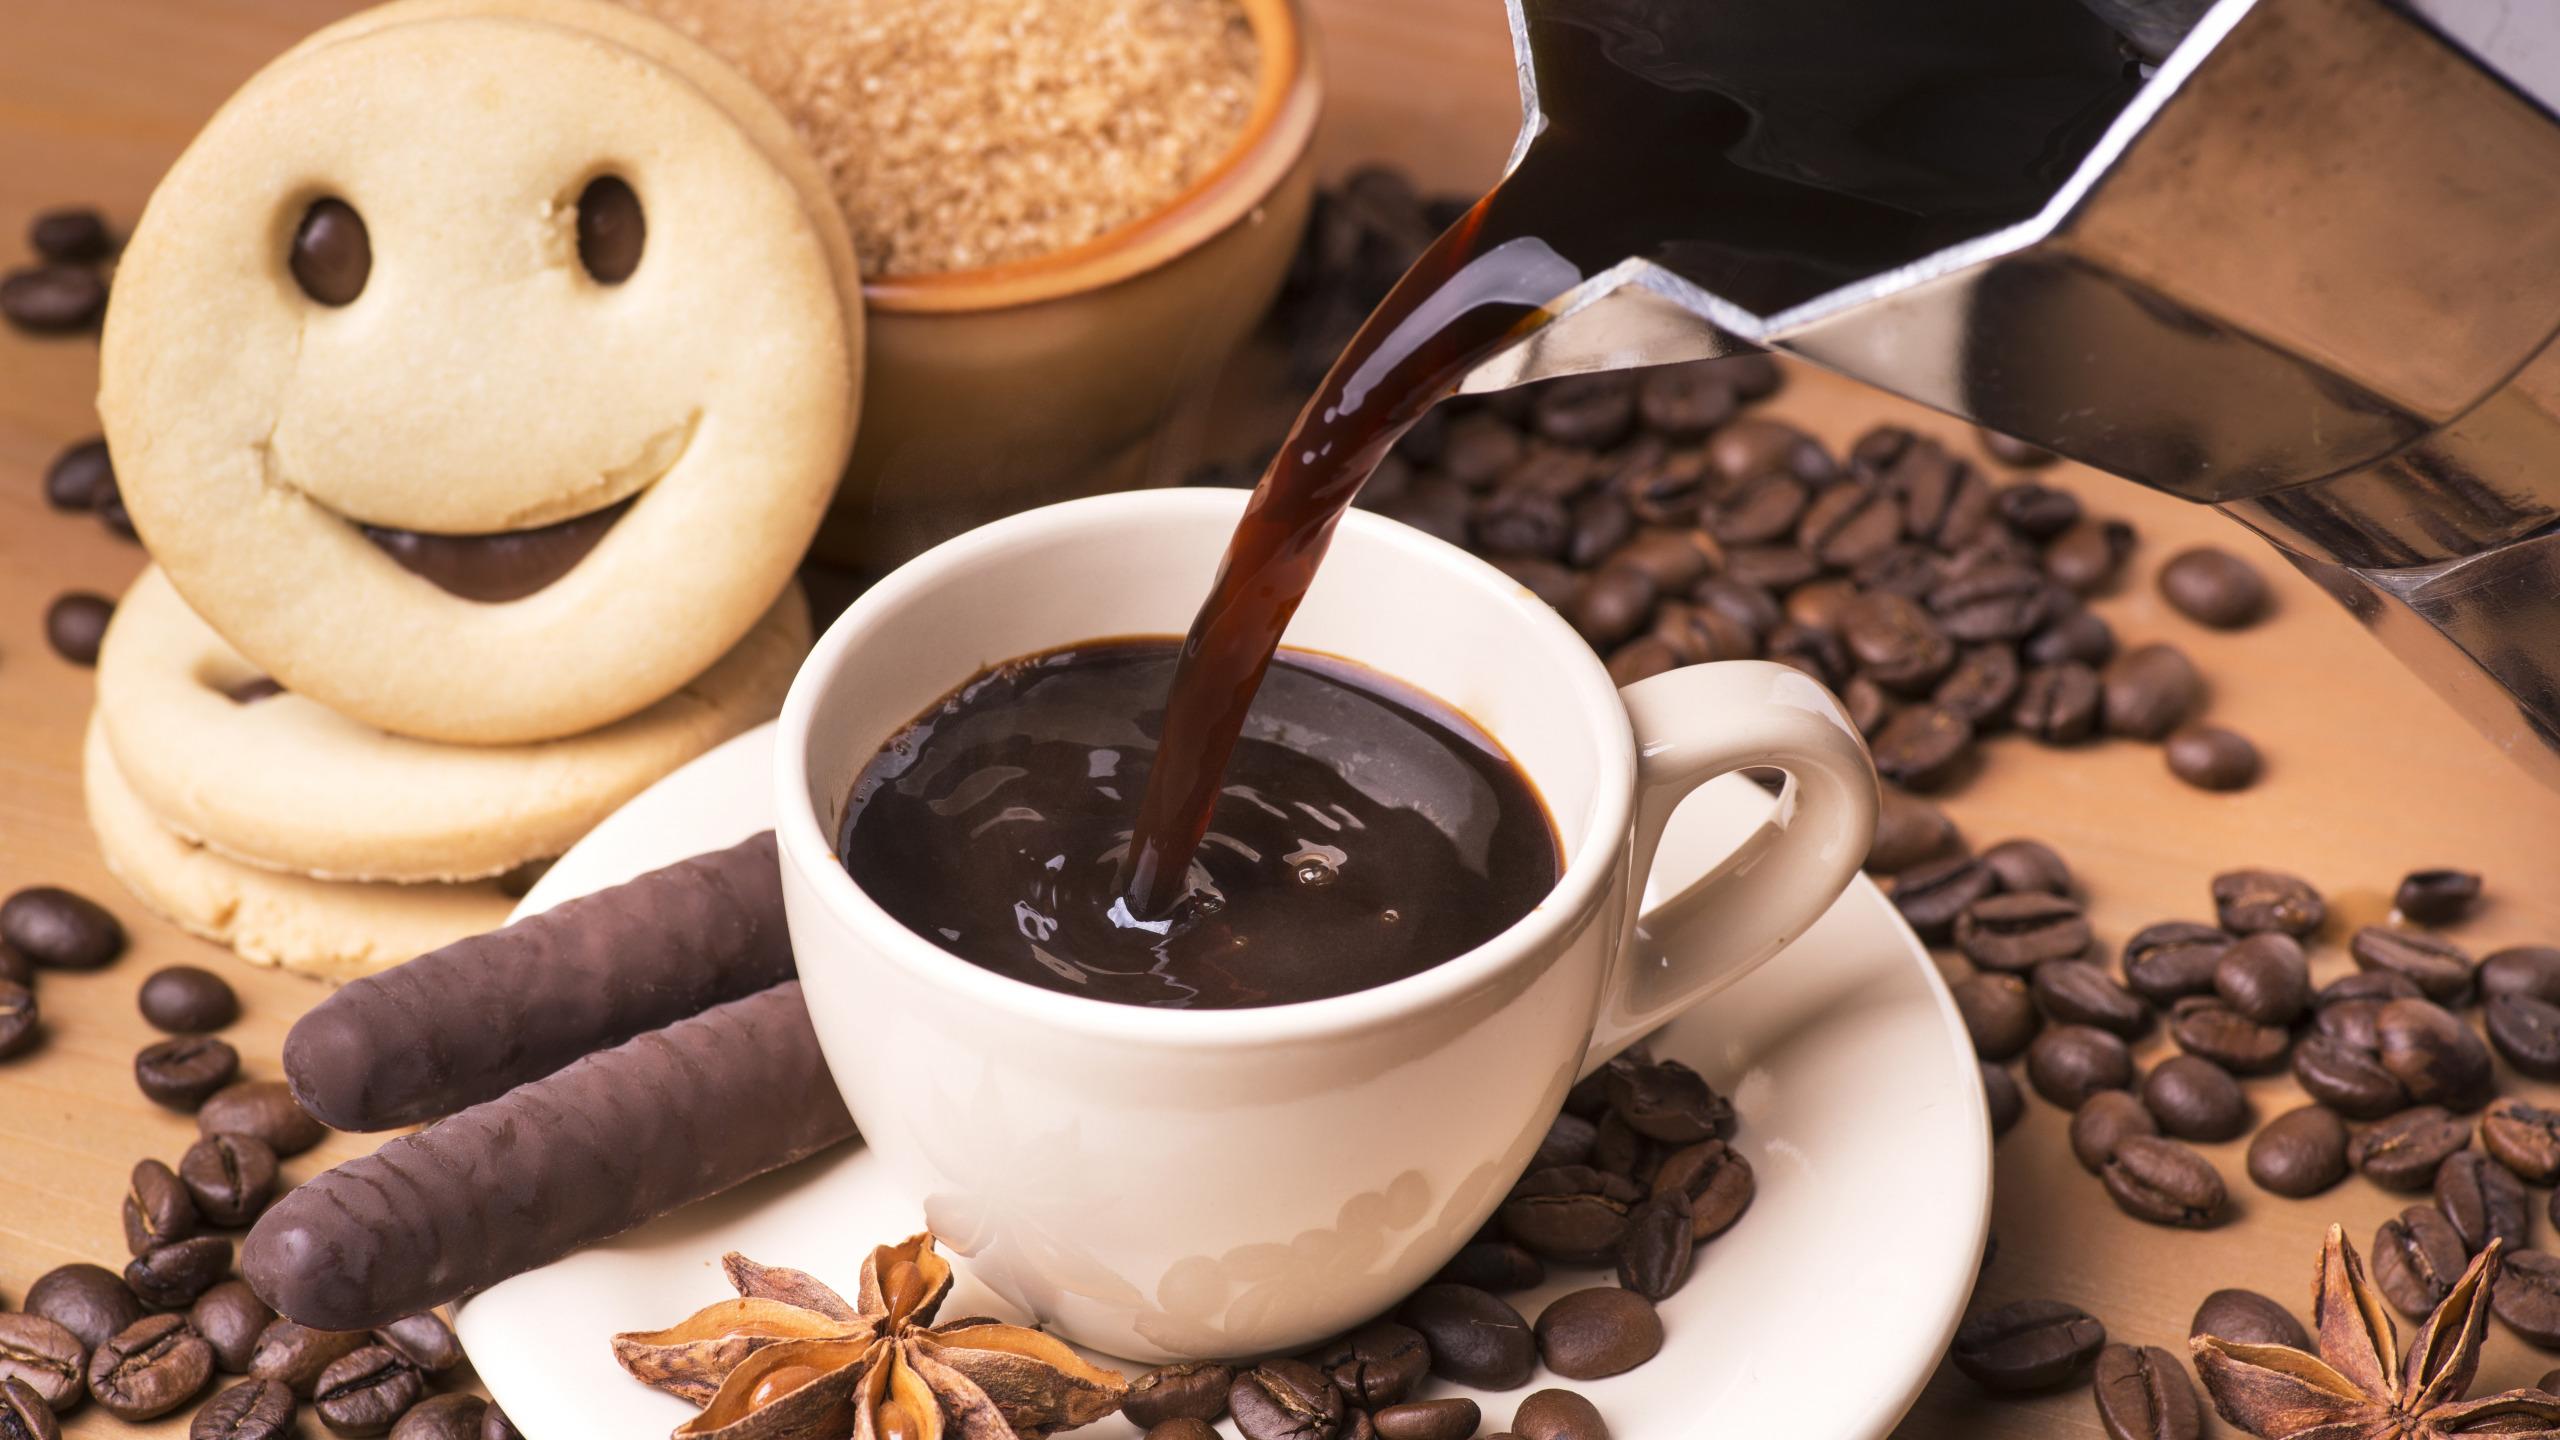 большинство дачников доброе утро картинки красивые кофе и шоколад задорной улыбке